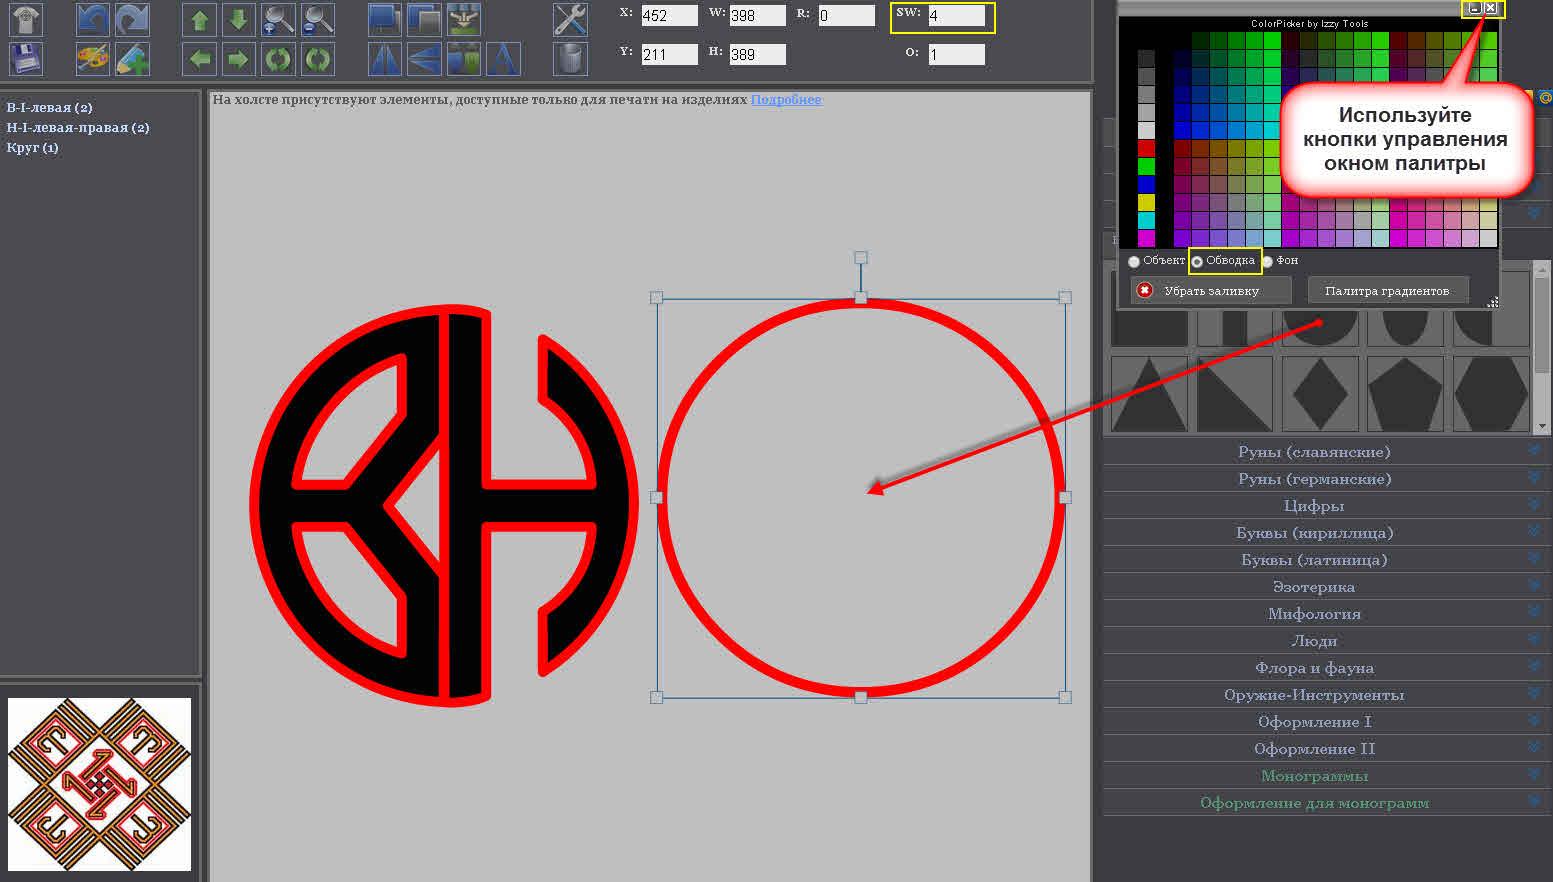 Как сделать логотип на все фотографии в фотошопе